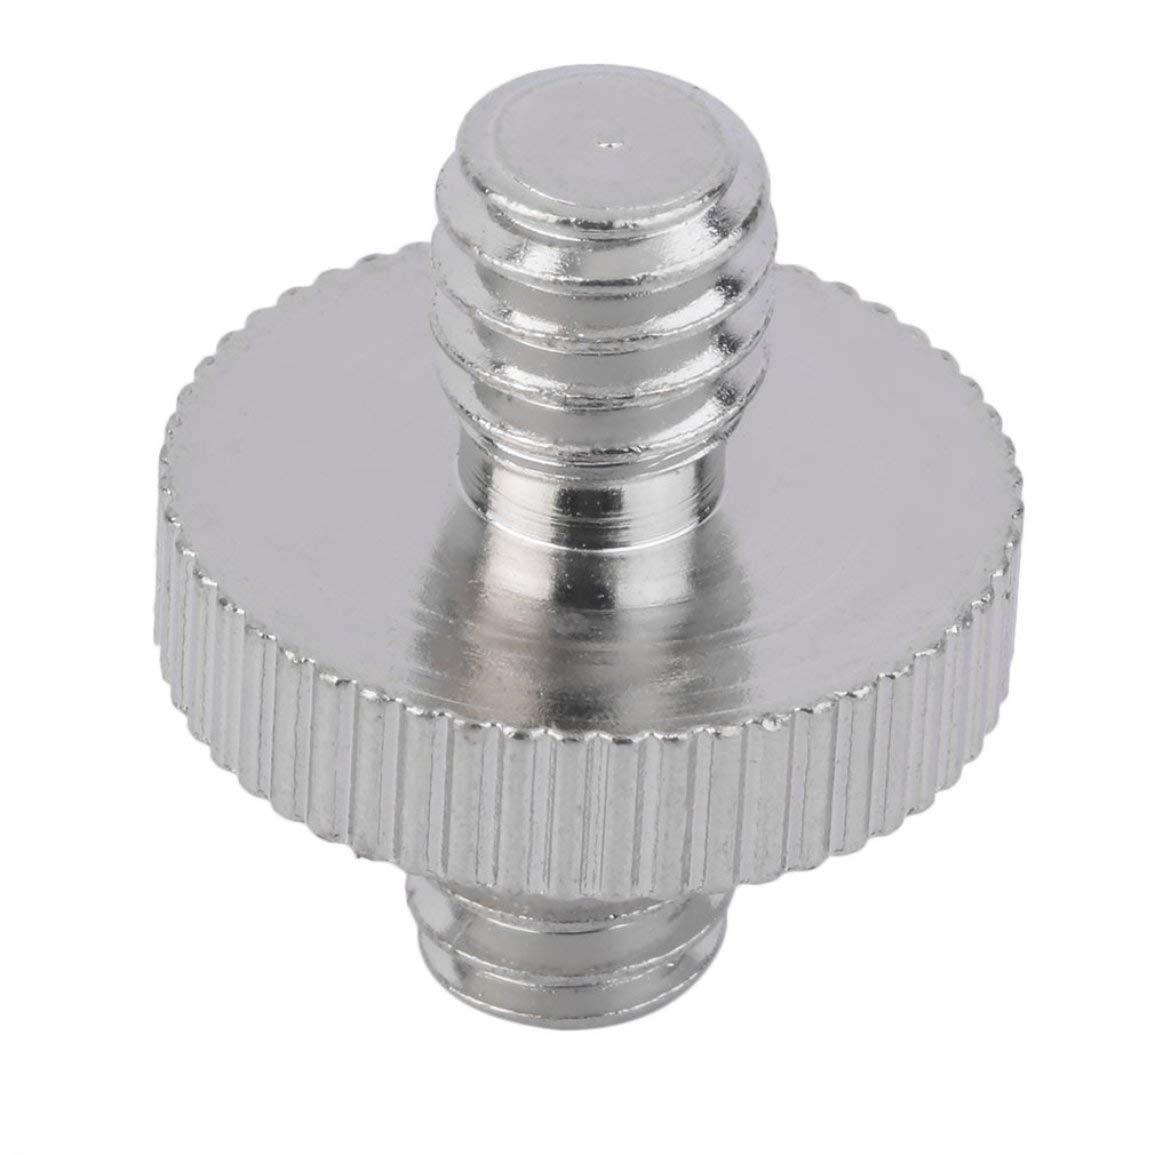 1//4 m/âle /à m/âle Adaptateur de vis de cam/éra pour Support de Montage de tr/épied DSLR Monopod//Rotule//Plaque de lib/ération Rapide//Stand Flash Light